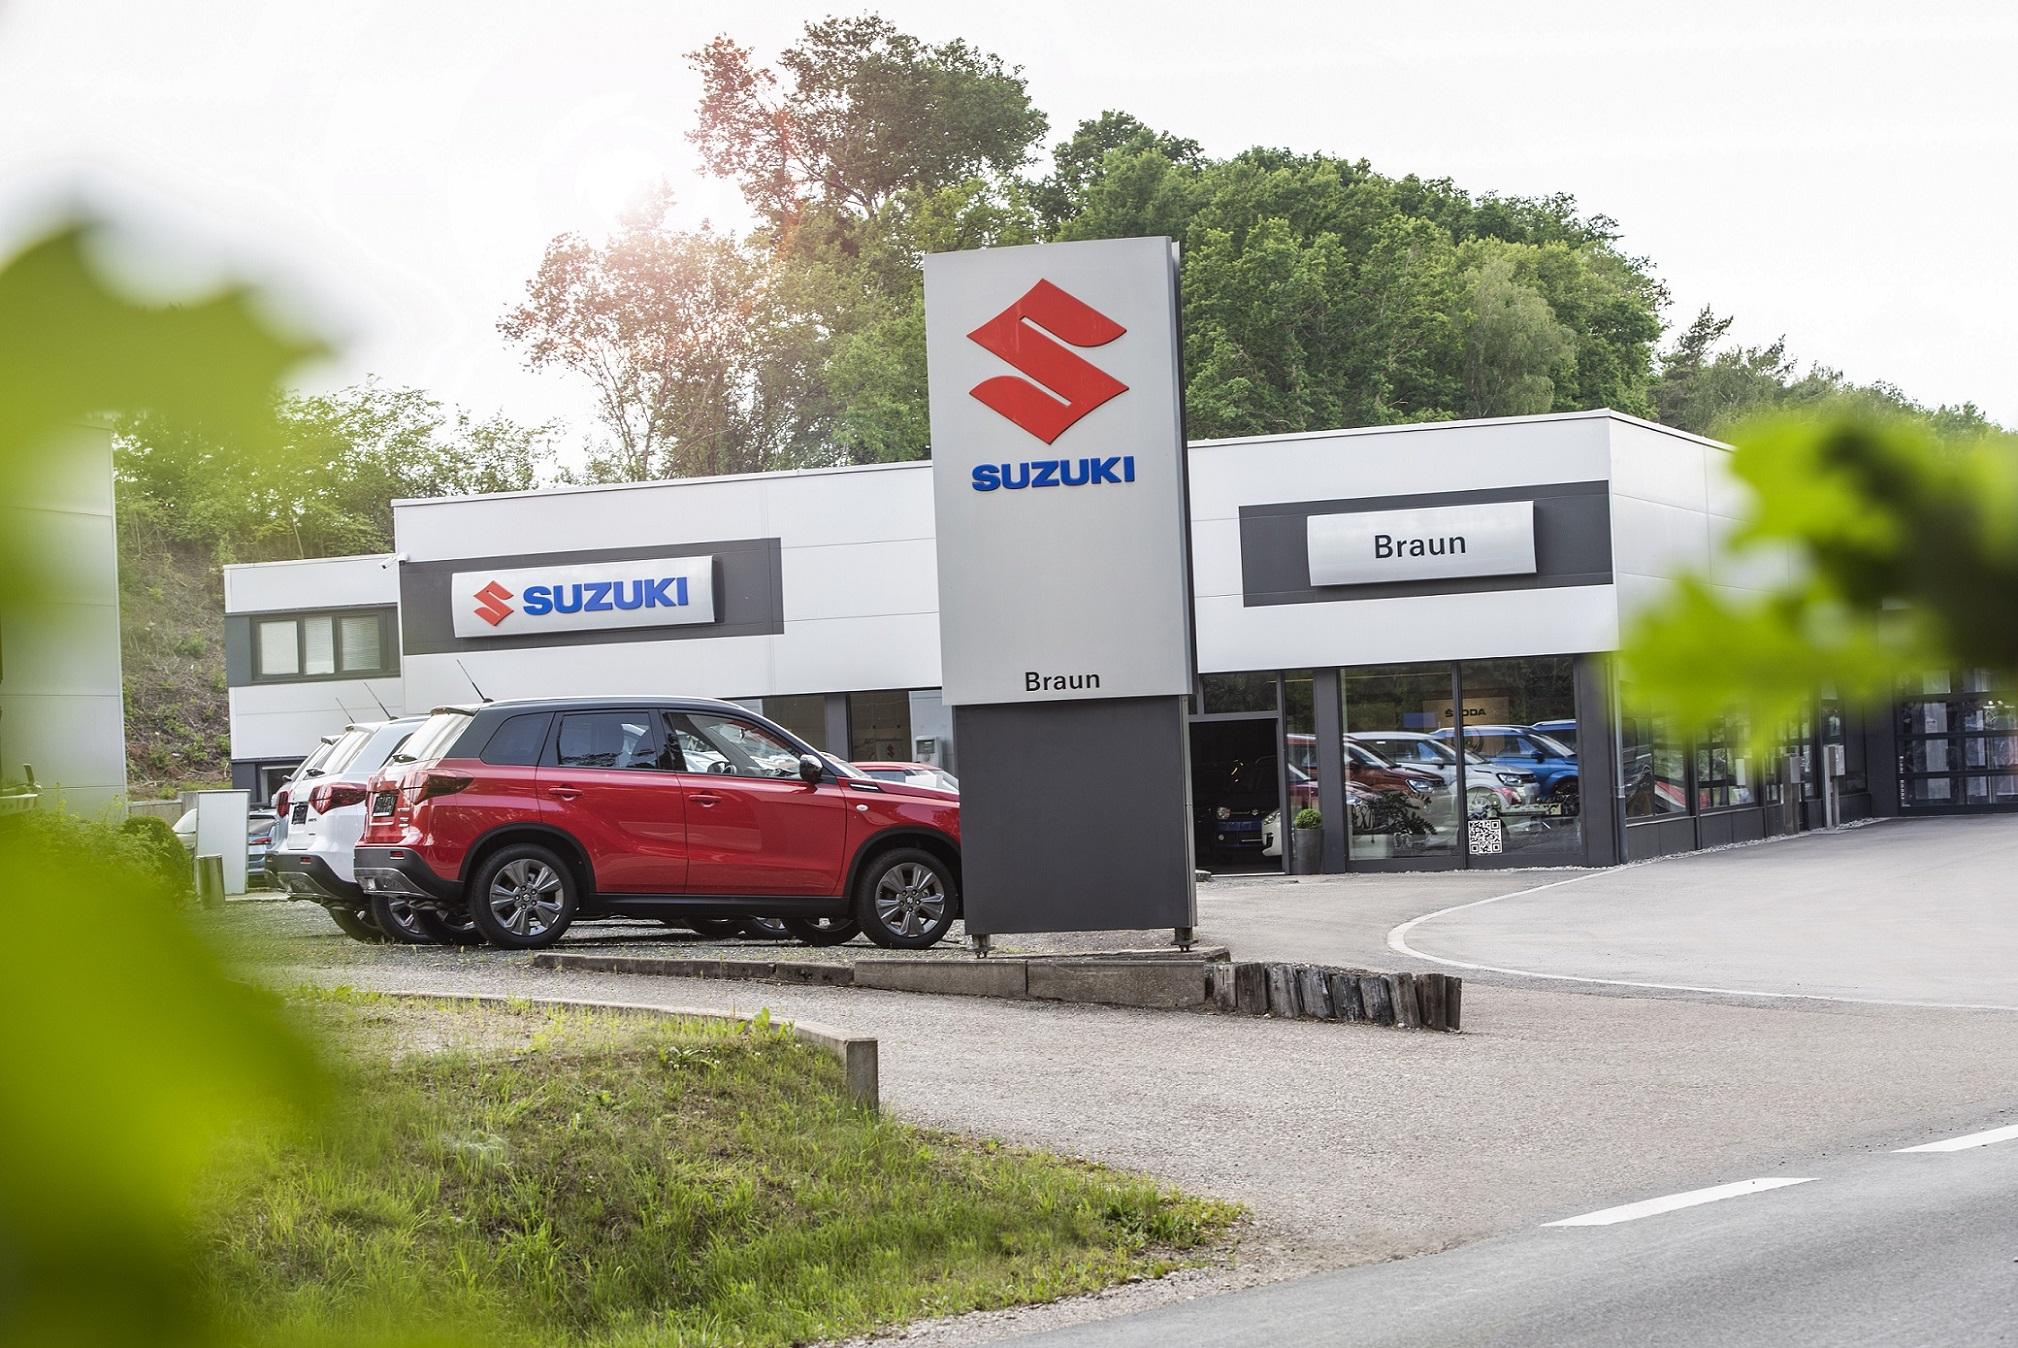 Front Autohaus Braun Suzuki